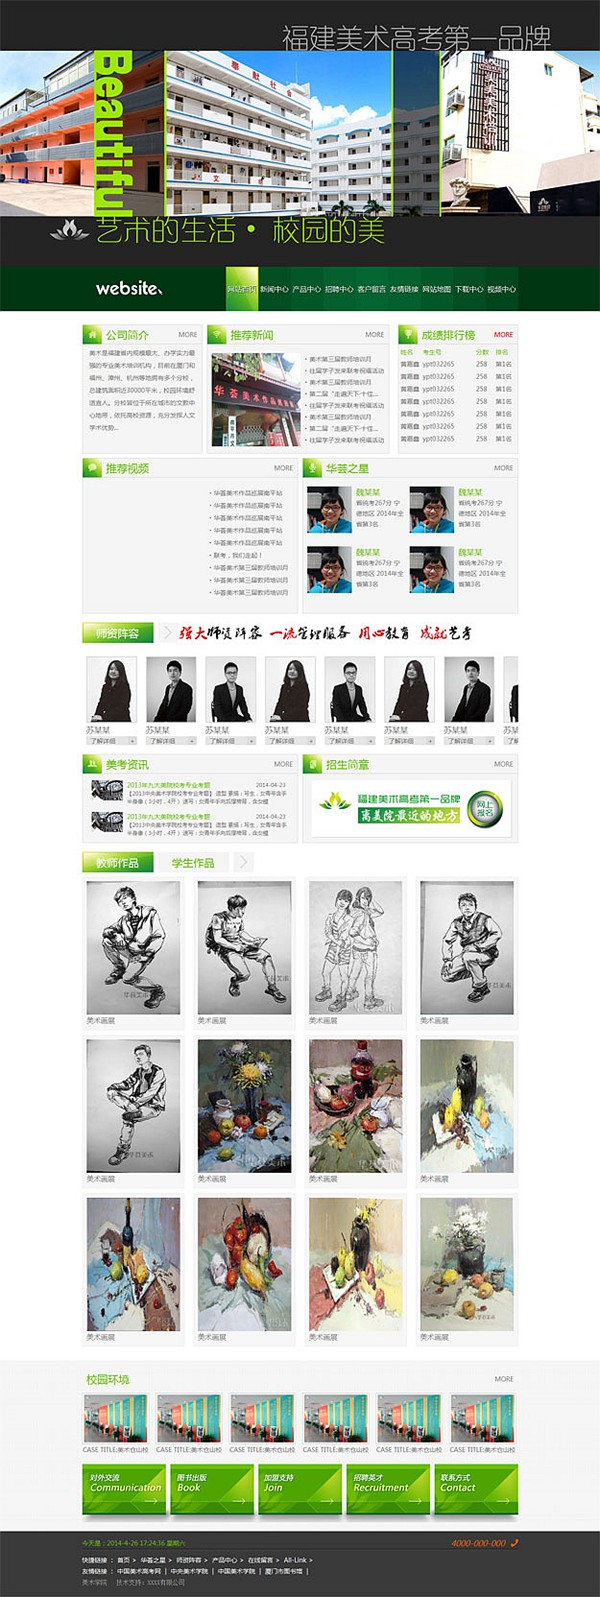 教育企业网站模板